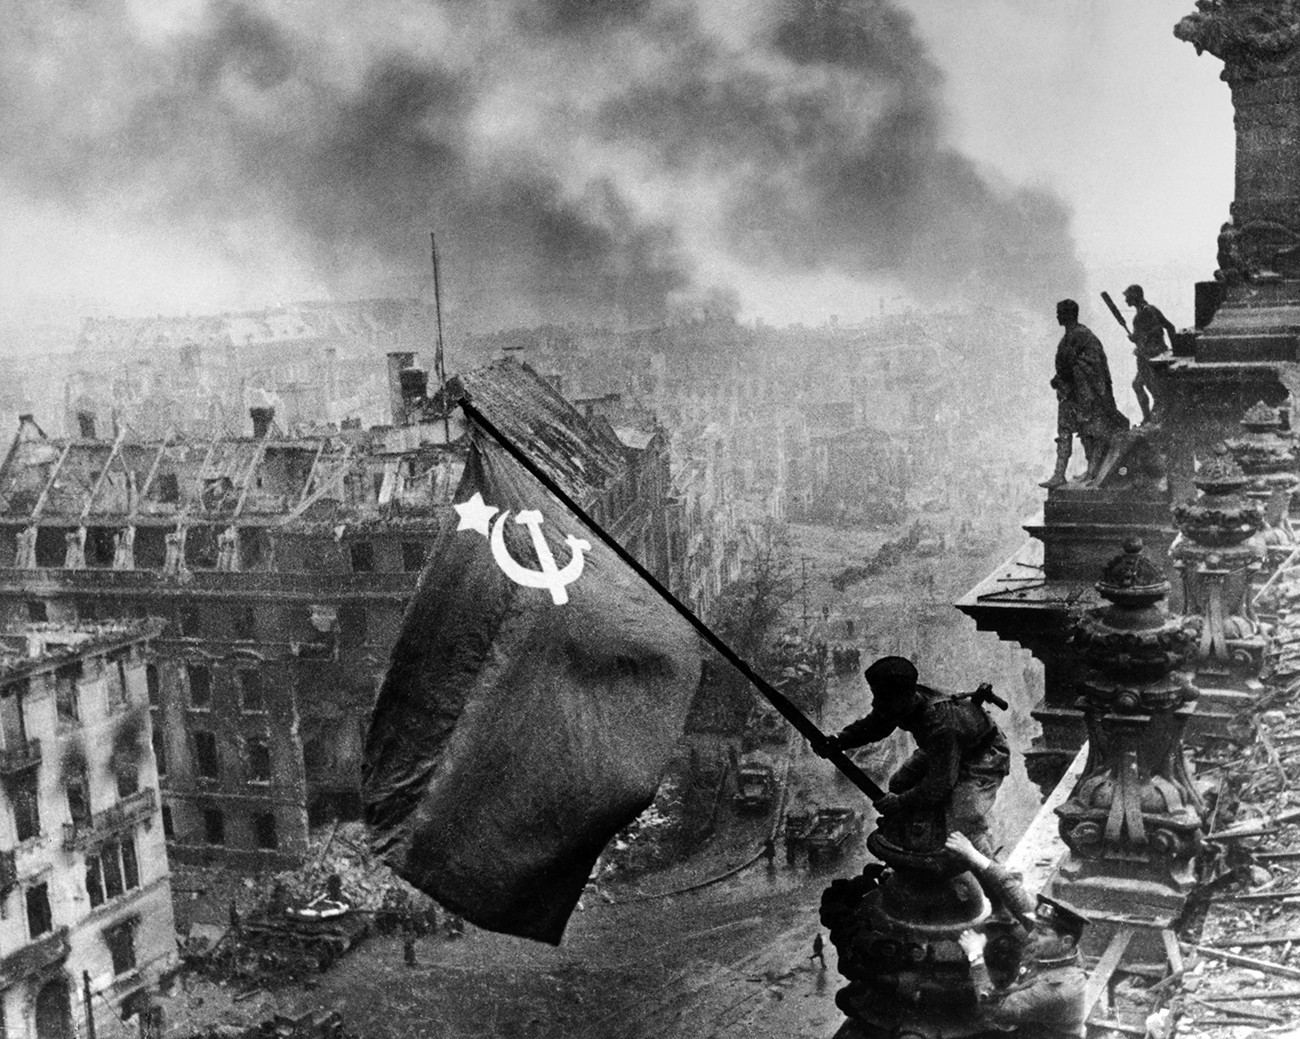 Postavljanje zastave na Reichstag. Berlin, 1945.